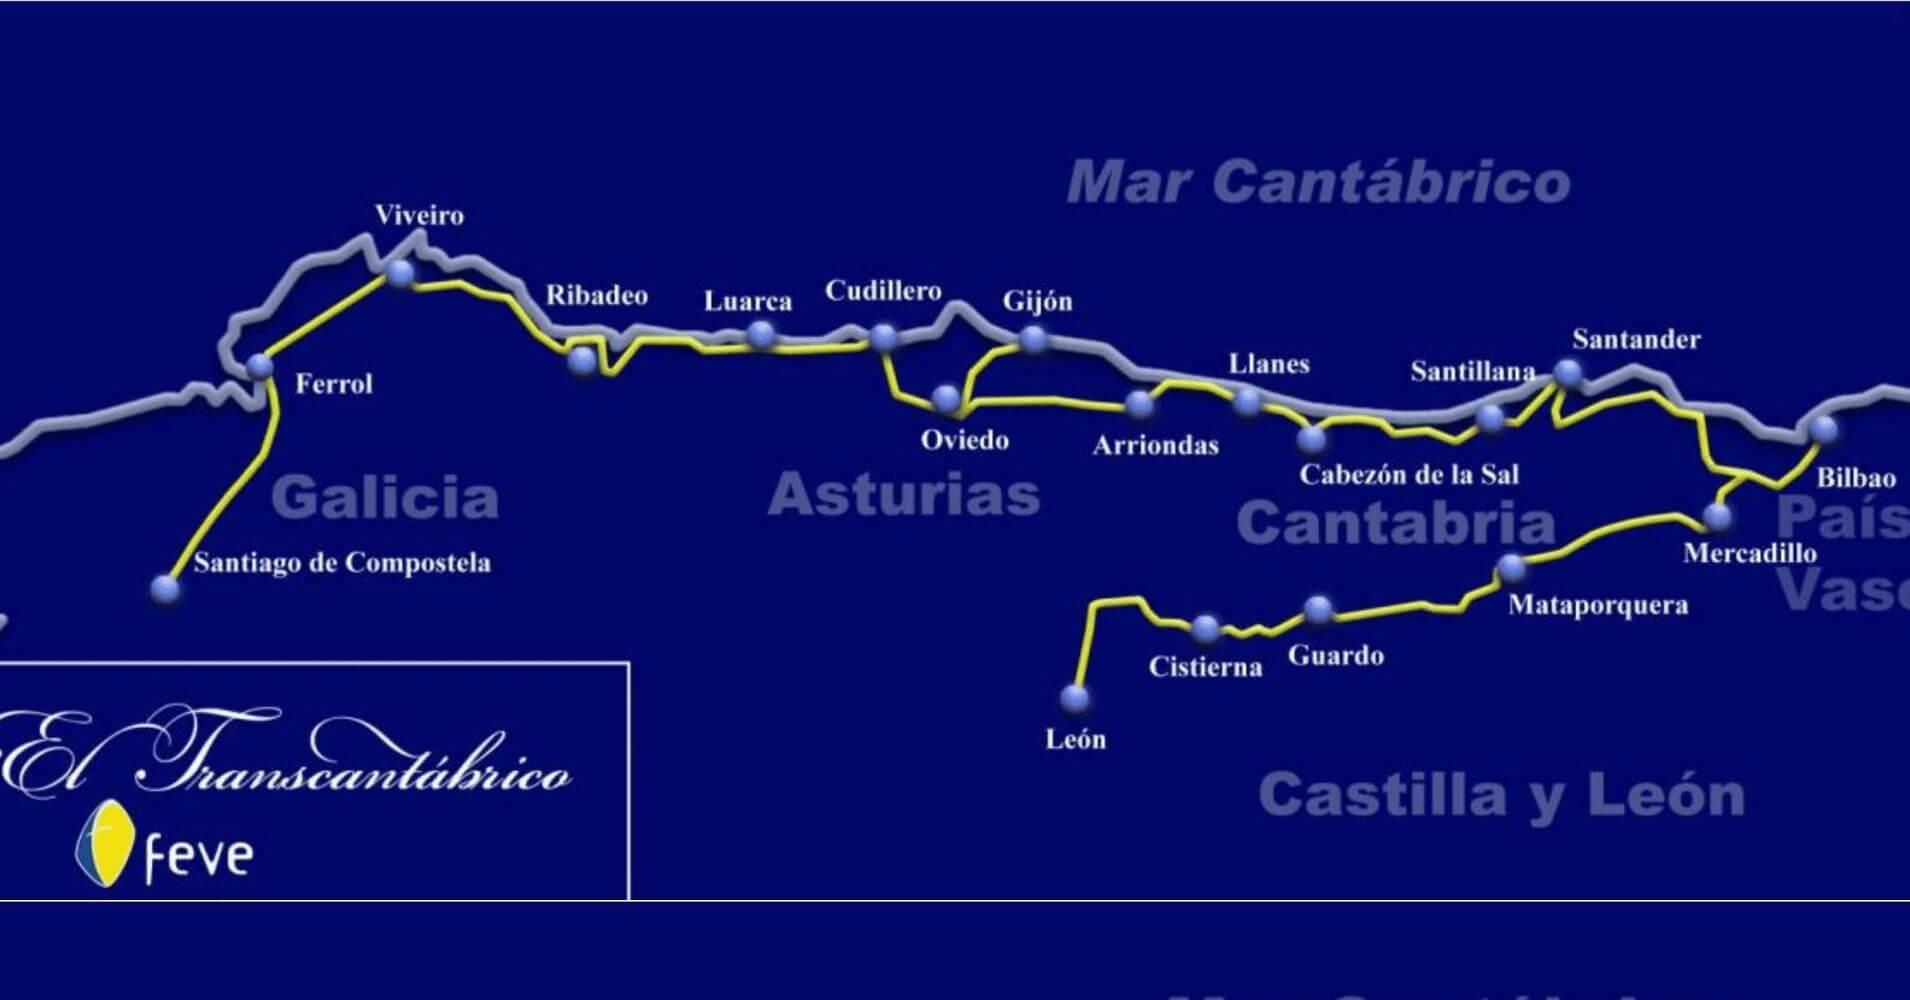 Mapa del viaje de El Transcantábrico. Tren Turístico de Lujo del Norte de España.